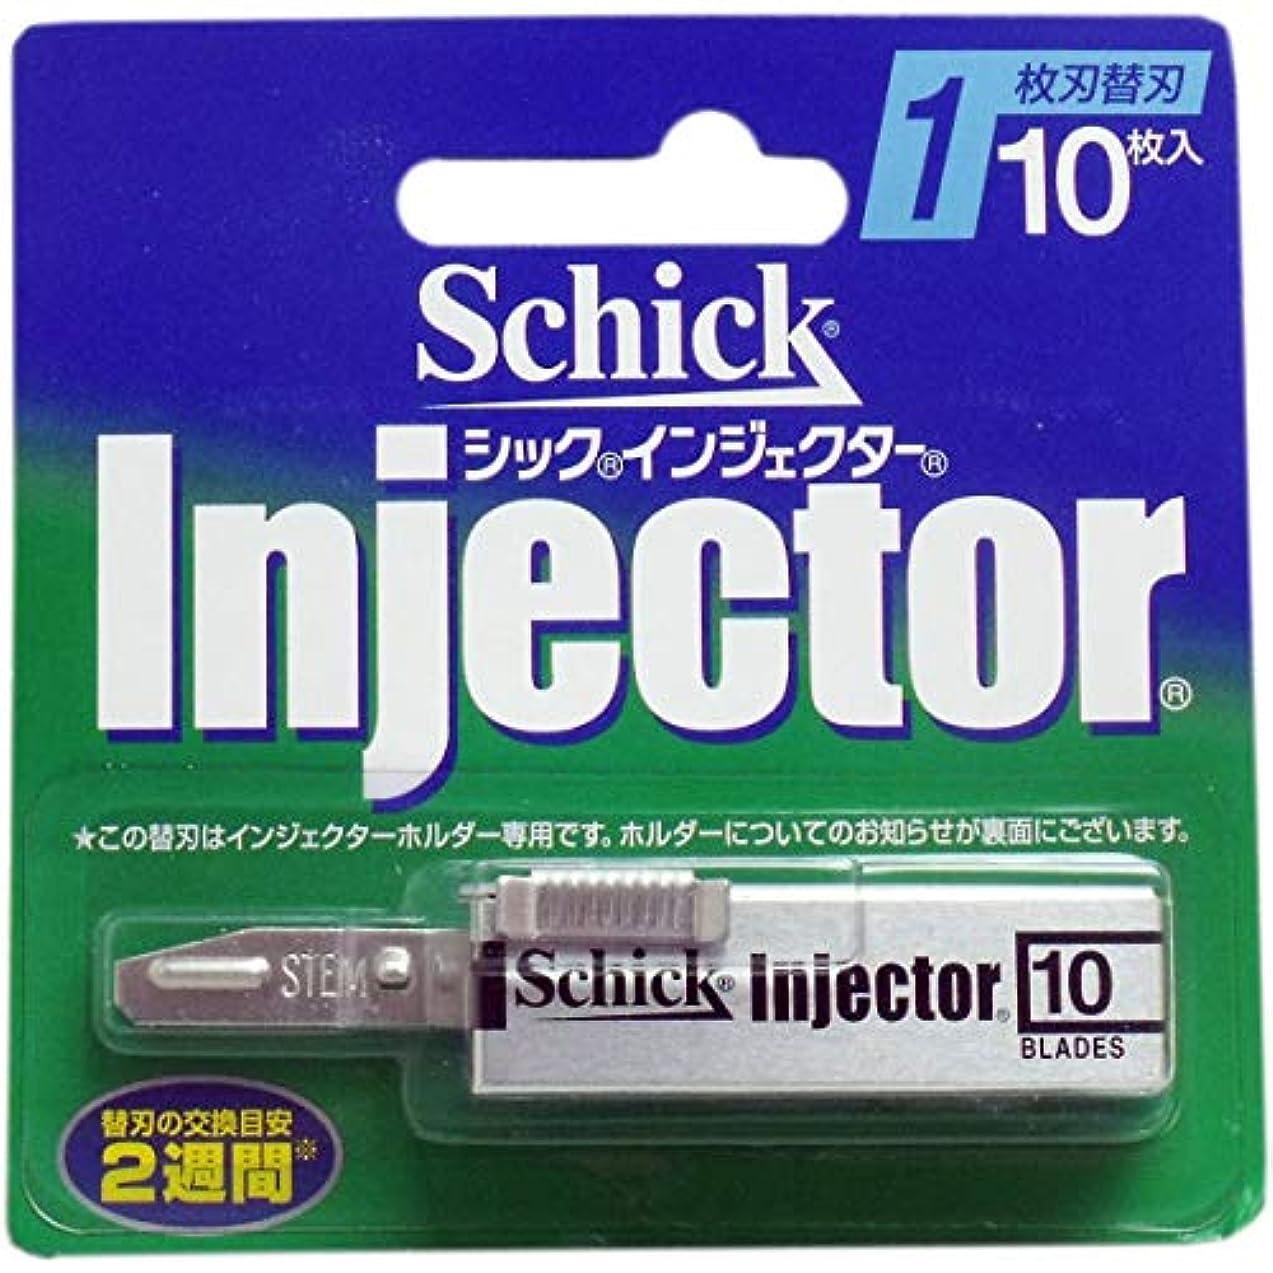 ウェブアラーム害虫シック インジェクター 1枚刃 替刃 10枚入(単品)